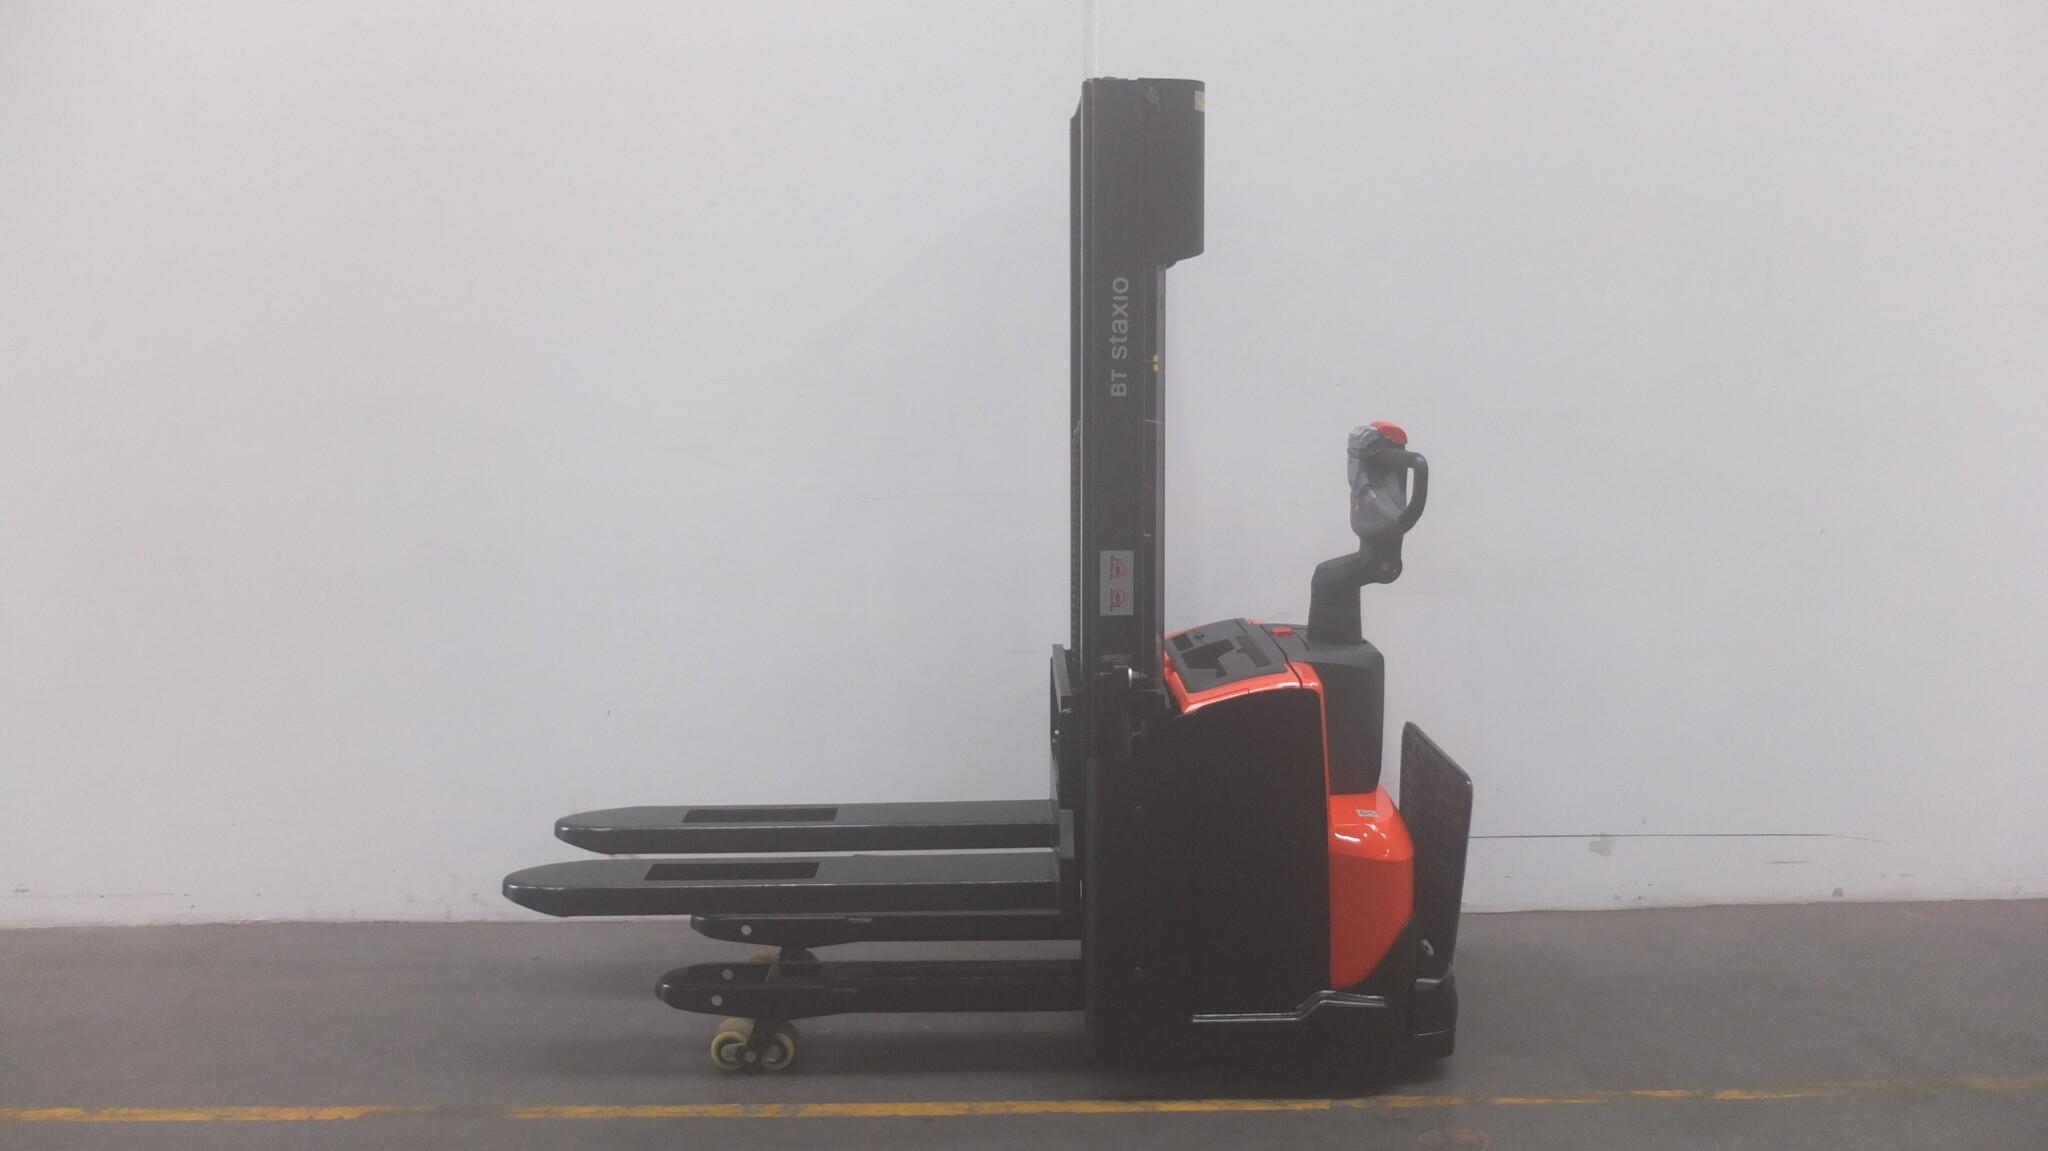 Toyota-Gabelstapler-59840 1802019657 1 scaled